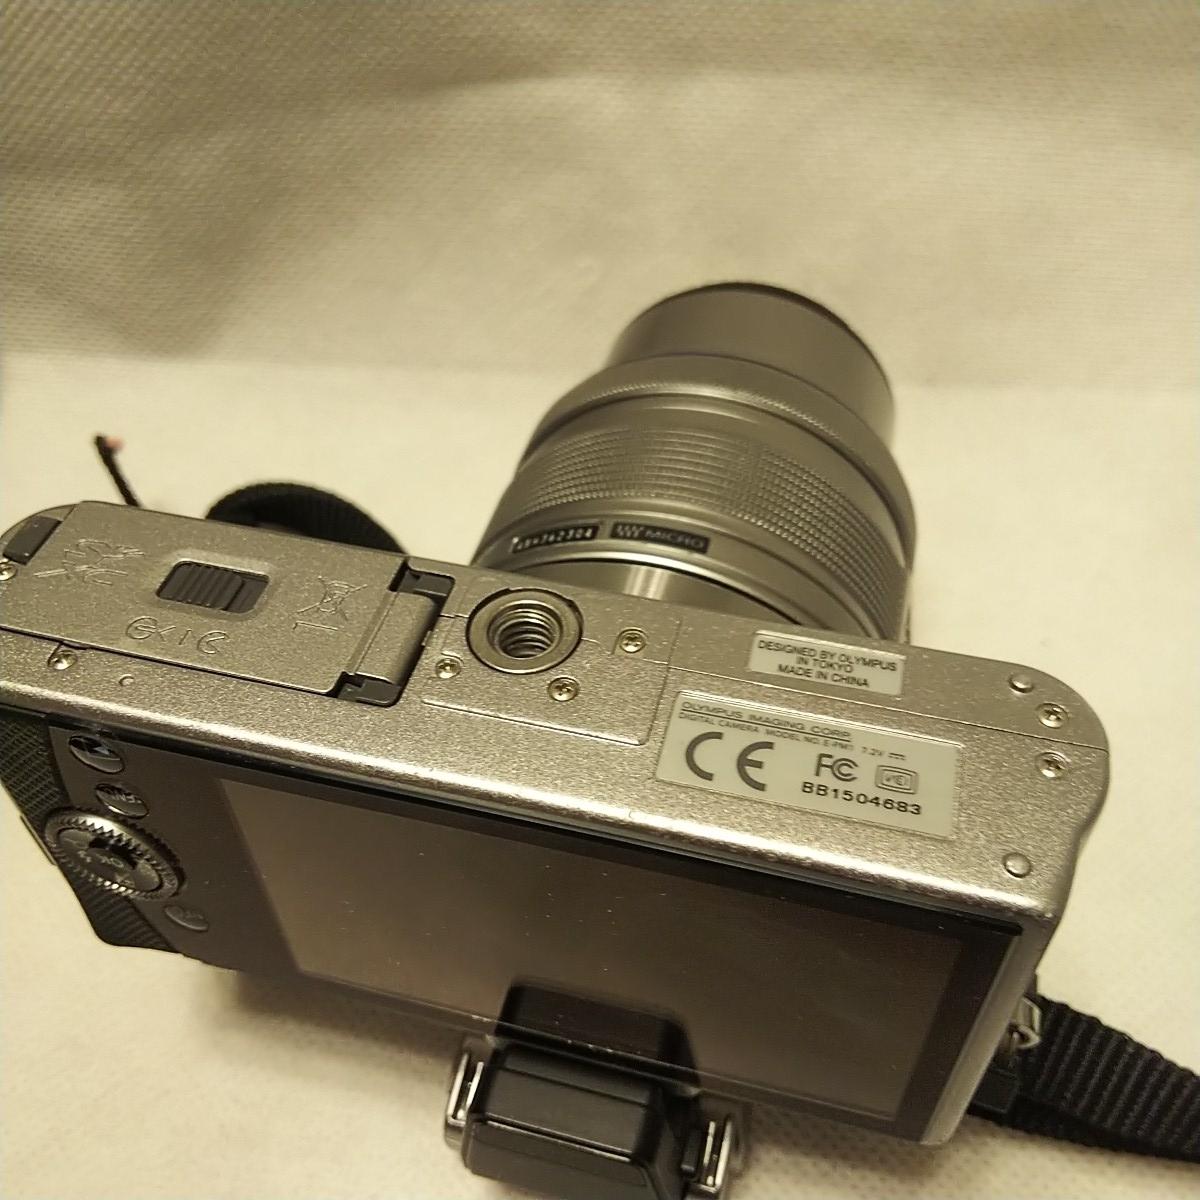 オリンパス E-PM1 デジタル一眼 レンズ フラッシュ付き FL-LM1 M.ZUIKO 14-42mm 1:3.5-5.6 π37mm ズームレンズキット YOKO-63 完動品 美品_画像6